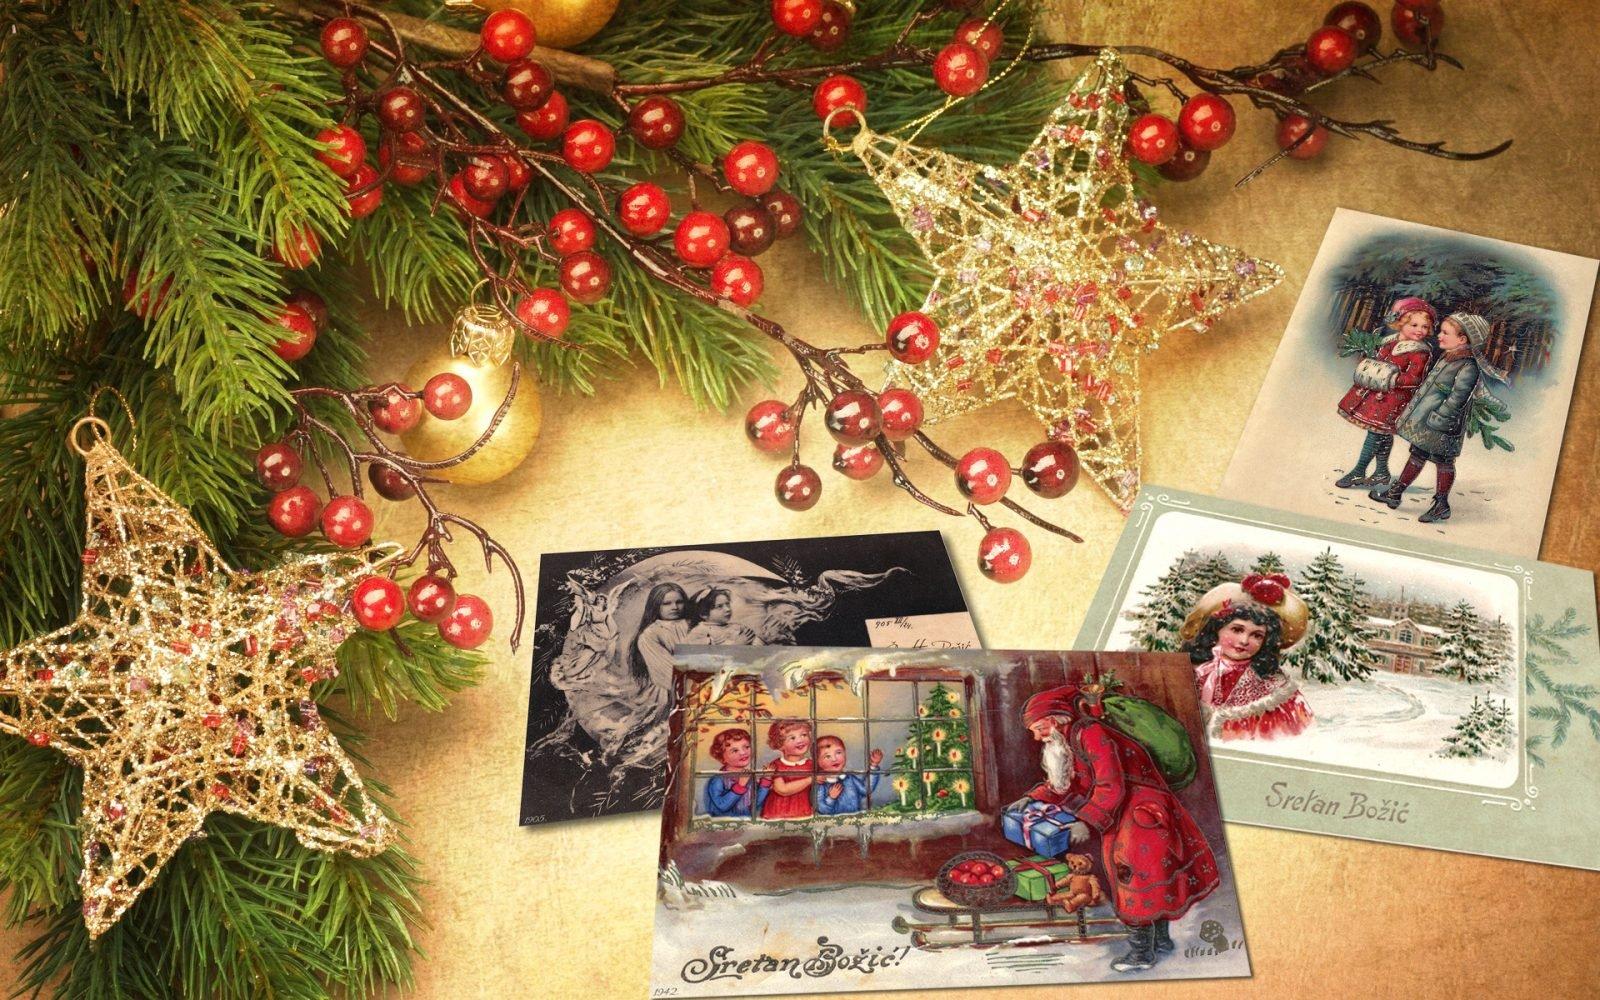 email čestitke za božić Besplatan dar sutra u Međimurskim novinama: Četiri božićne i  email čestitke za božić